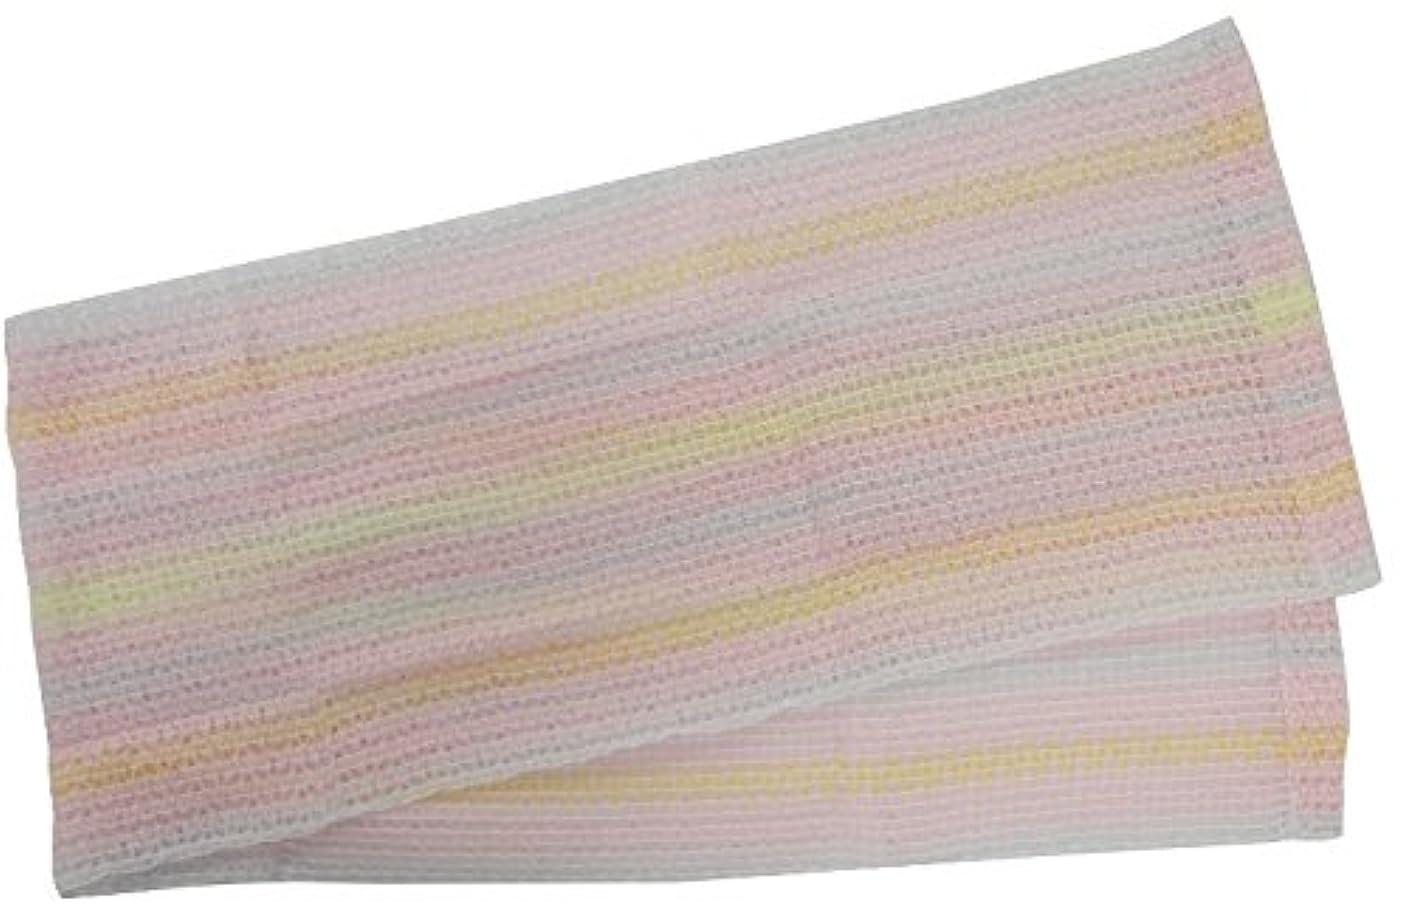 着飾る想起熱帯の小久保 『もっちり泡でお肌を包み、やさしい洗い心地』 もこもこあわわボディタオル 20×100cm 3285